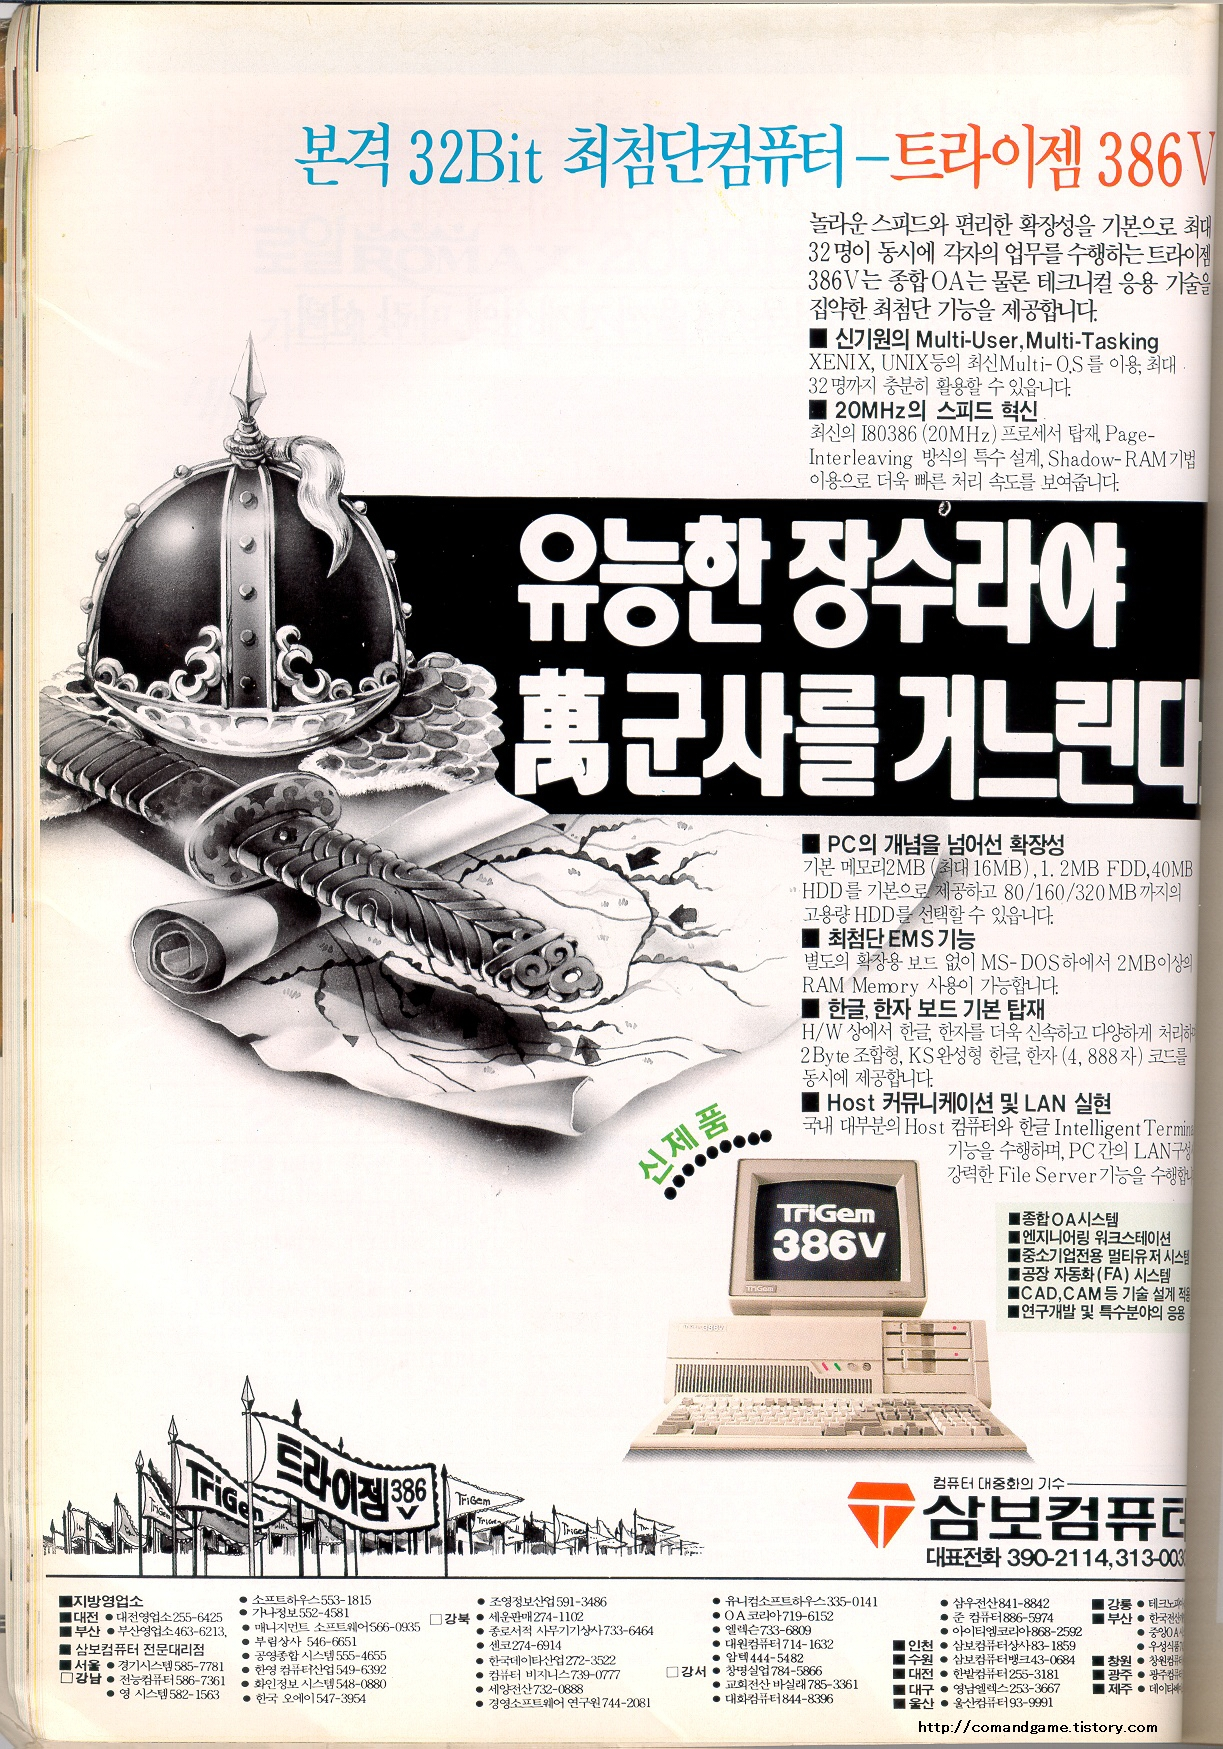 삼보컴퓨터 - 트라이젬386V (TRIGEM 386V) 잡지 광고